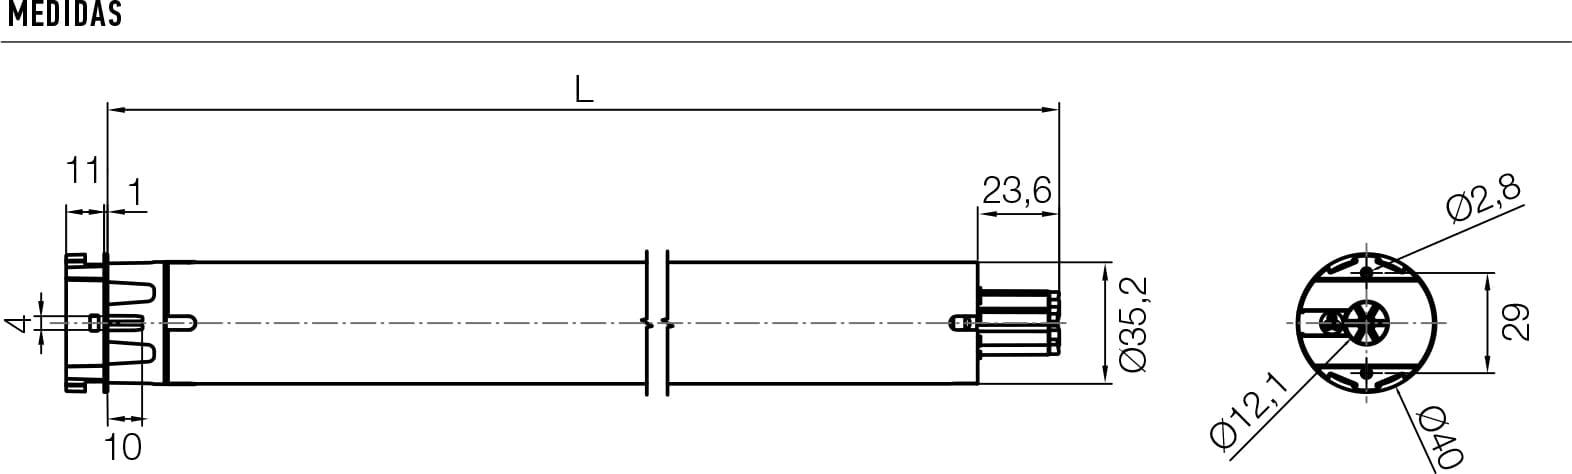 caracteristicas-era-star-sp-2